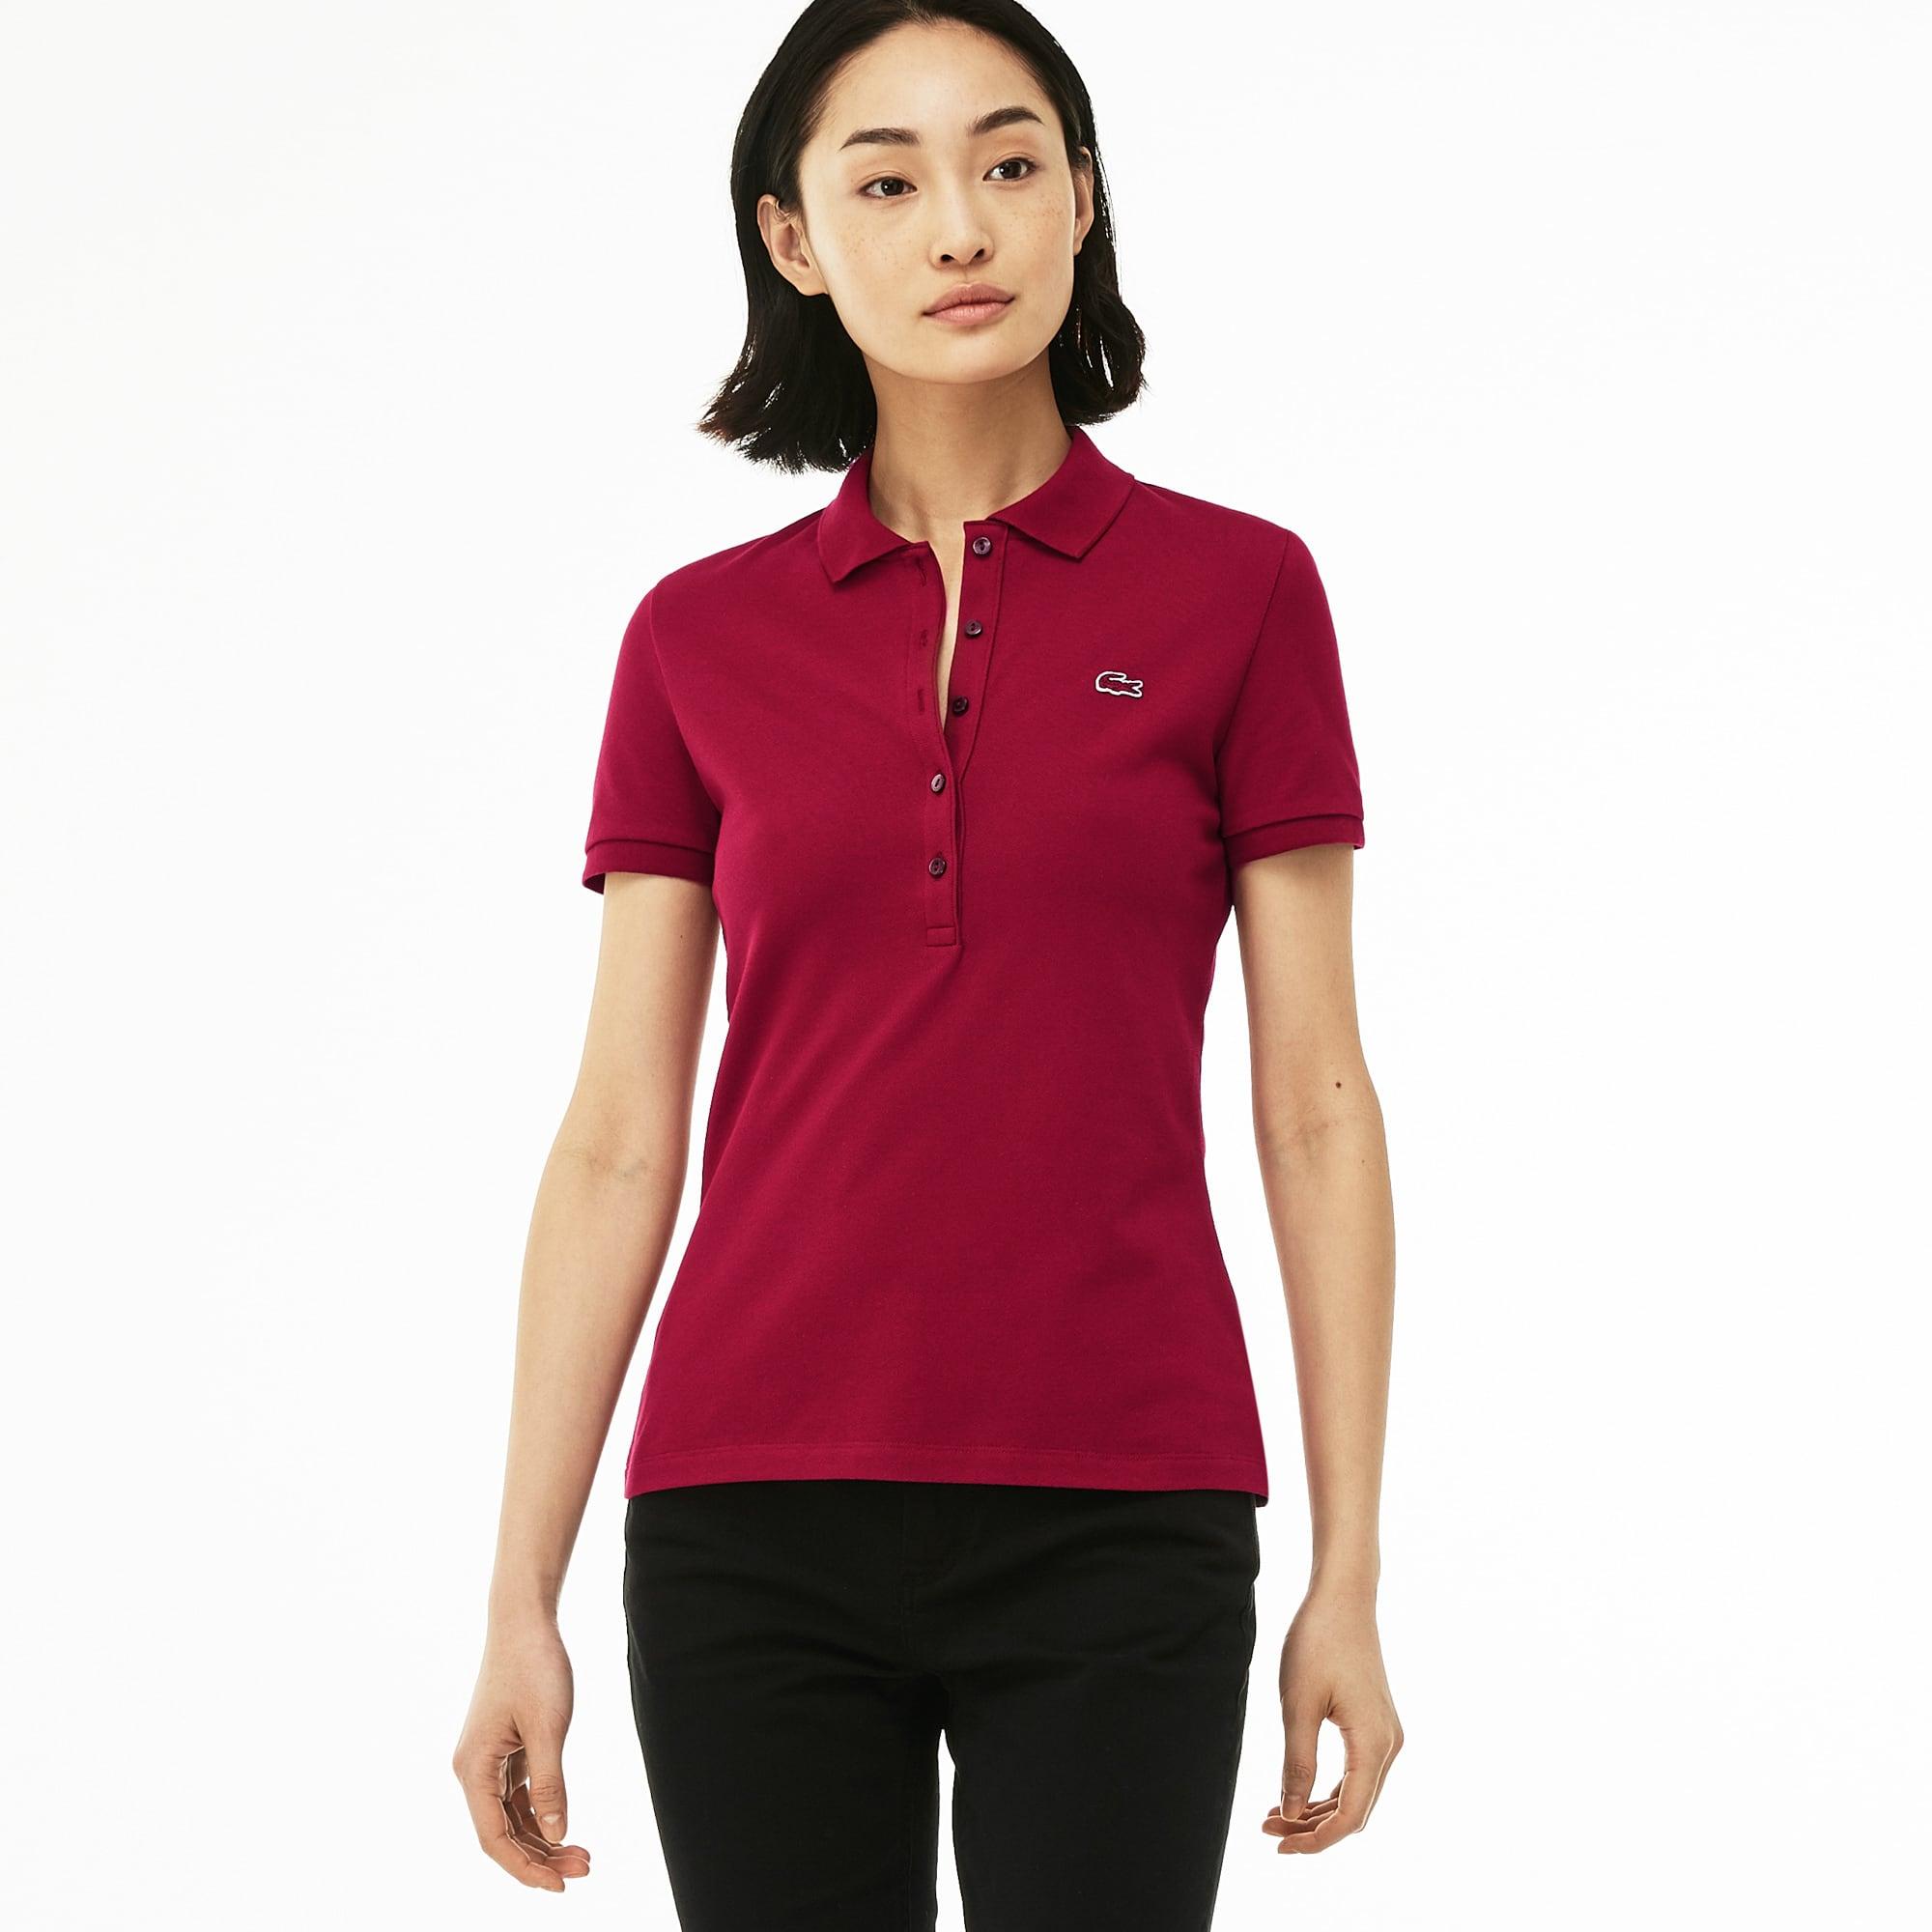 655fd59a Lacoste Women'S Slim Fit Stretch Mini Cotton PiquÉ Polo Shirt In Bordeaux